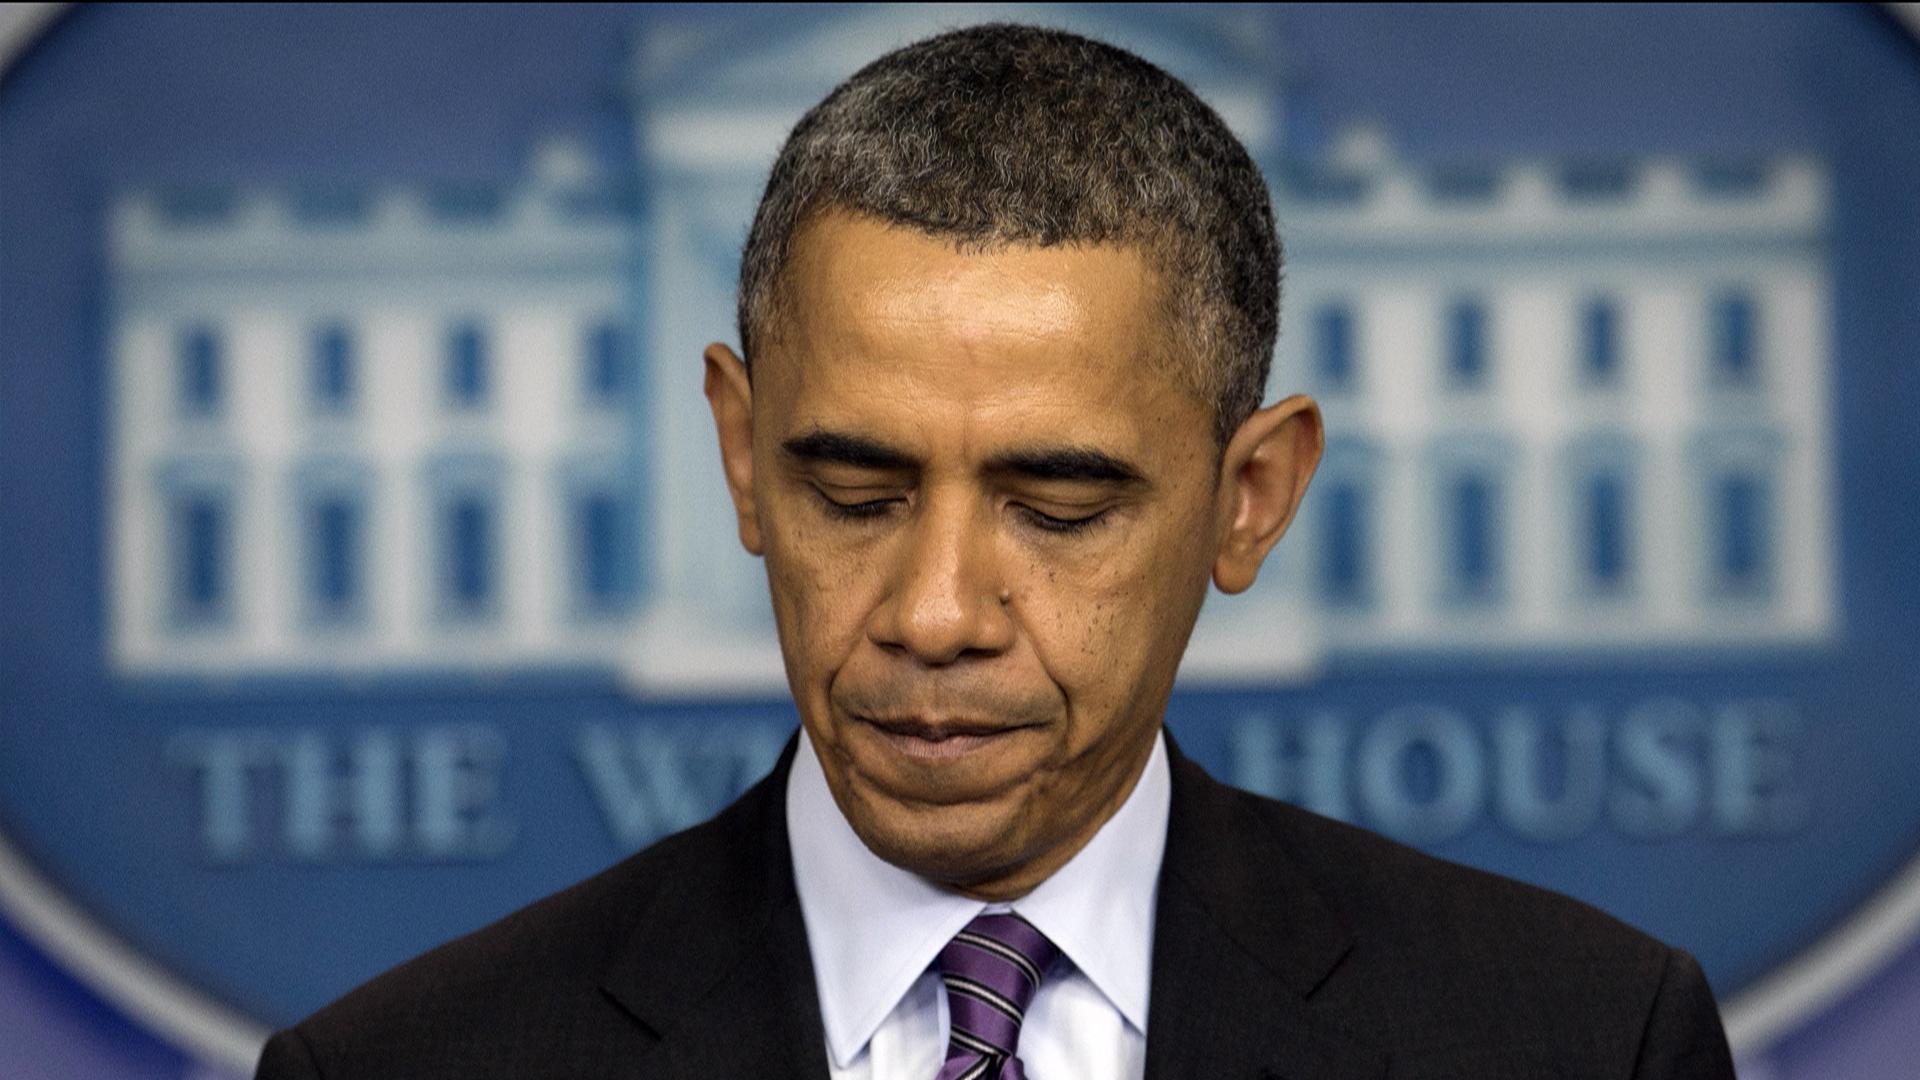 Should Dems stop avoiding the president?